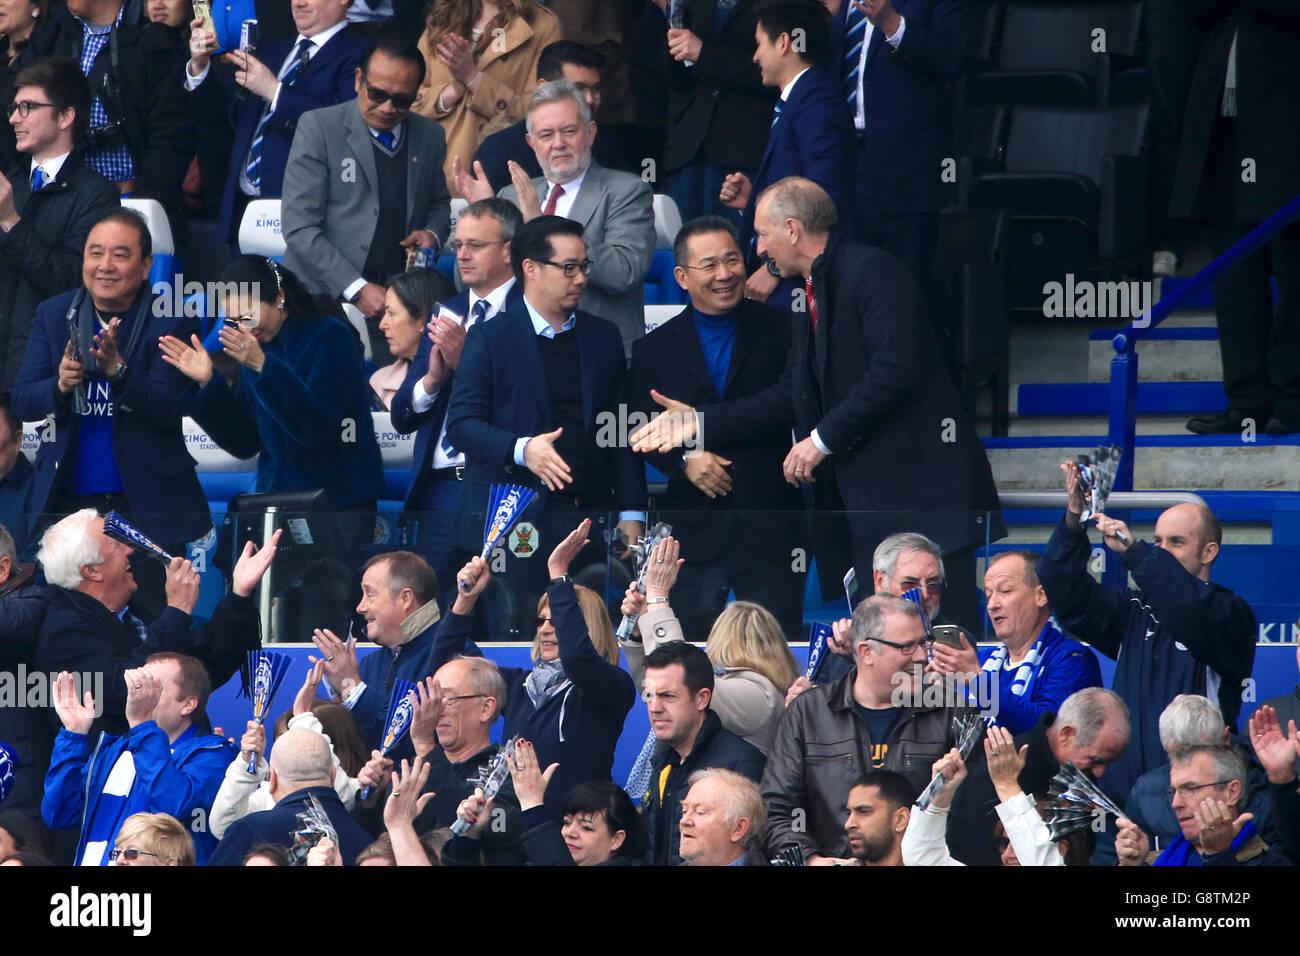 Leicester City Chairman Khun Vichai Srivaddhanaprabha